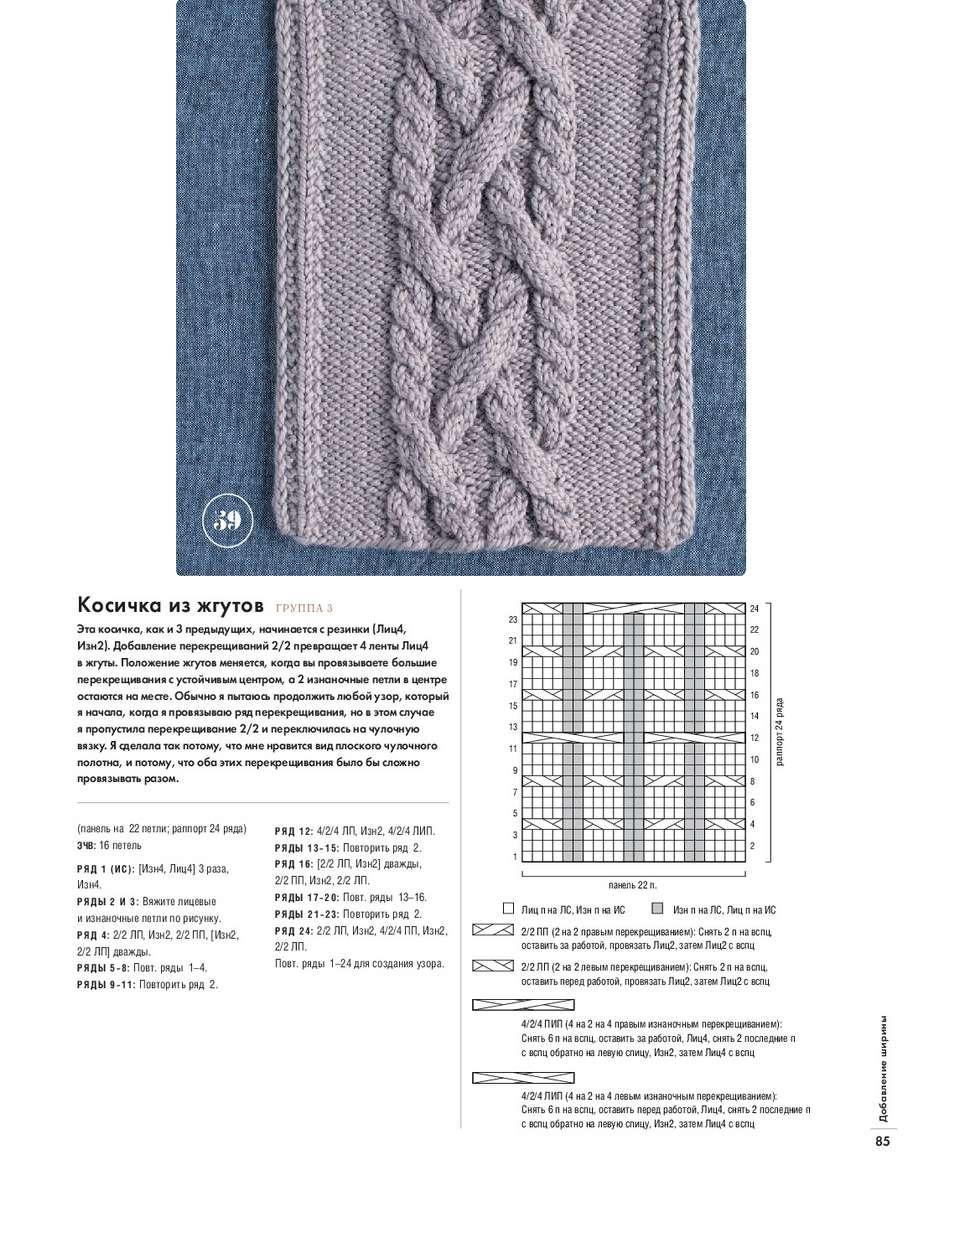 Виды вязания кос и жгутов спицами 73